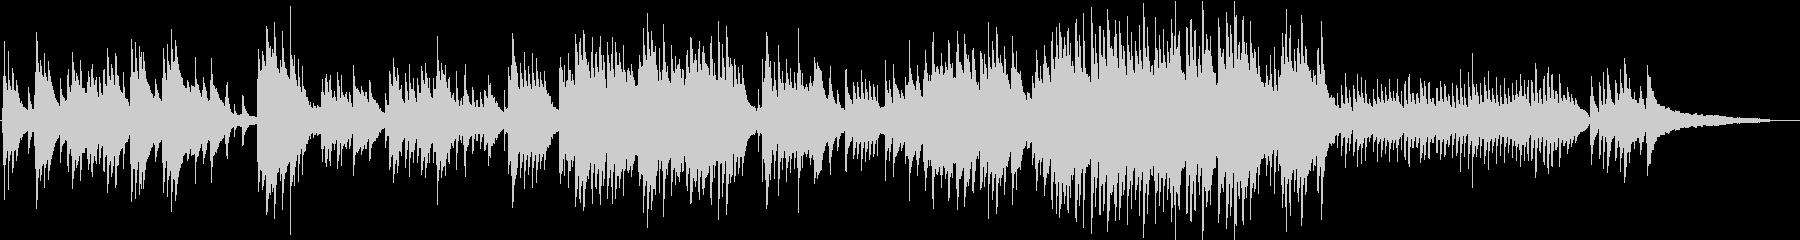 切なくノスタルジックなピアノ ジブリ風の未再生の波形